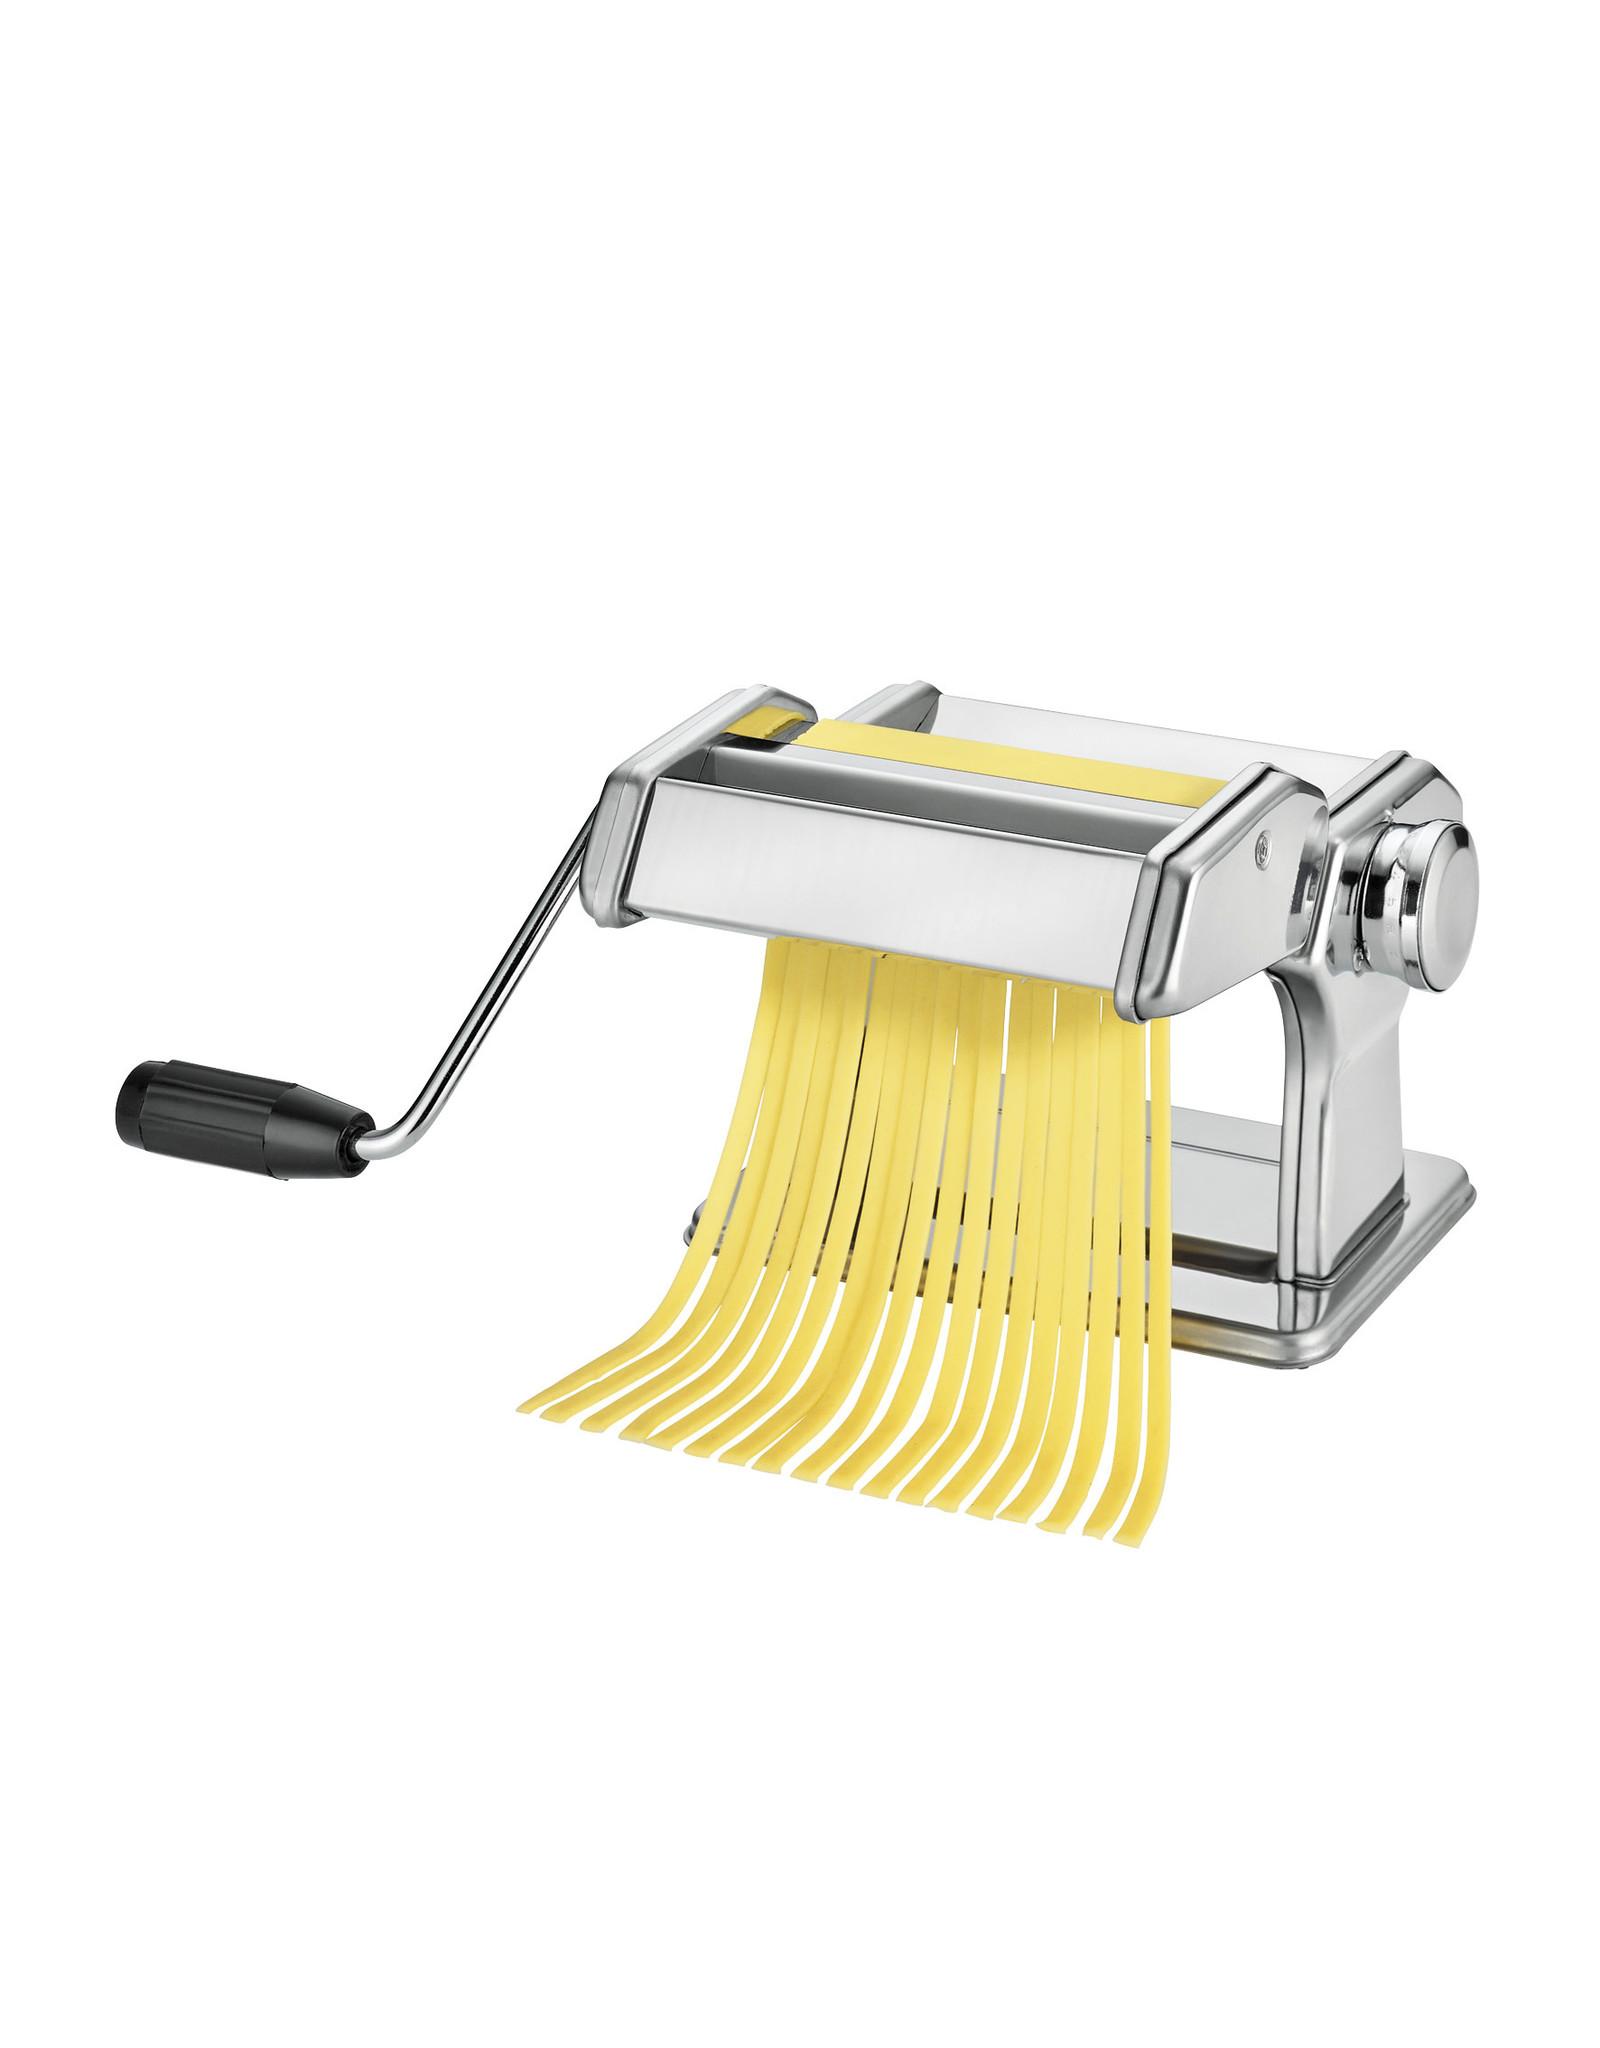 Küchenprofi Pastamachine 150 PASTACASA